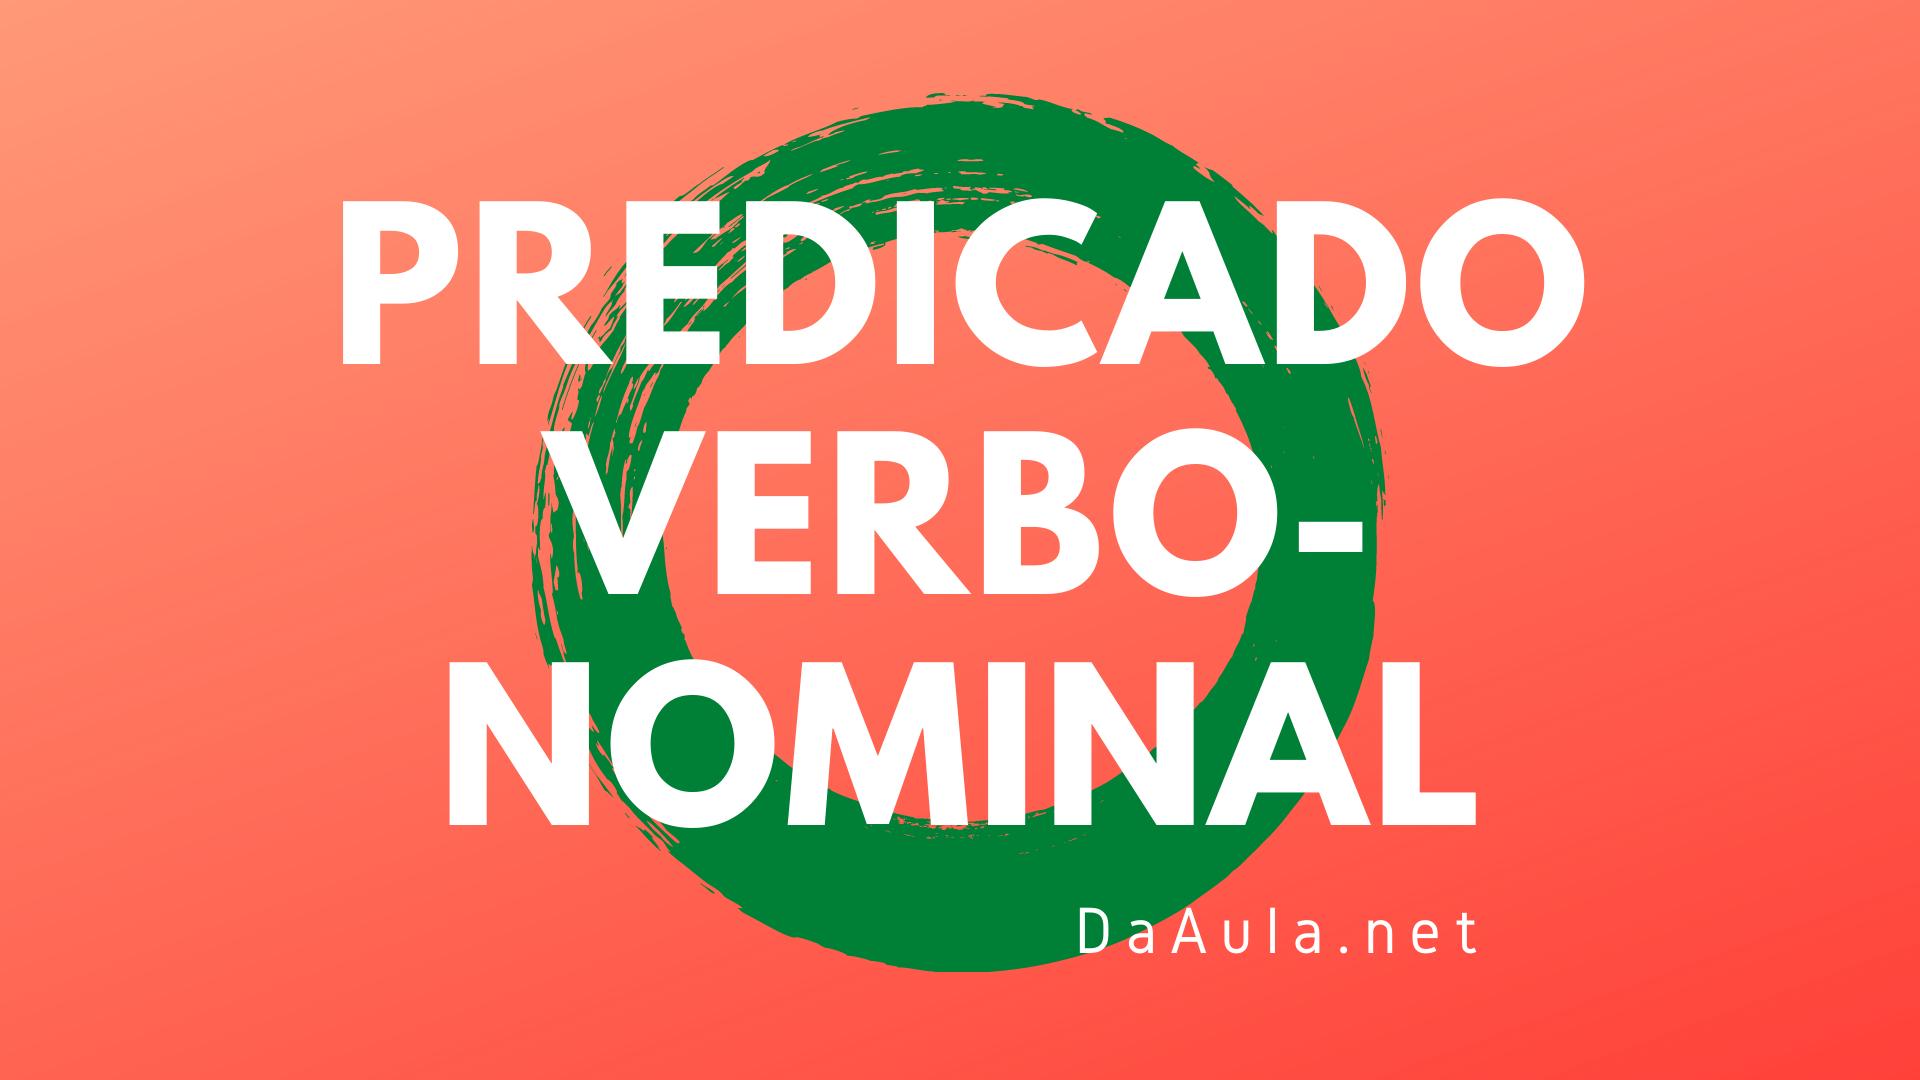 Língua Portuguesa: O que é Predicado Verbo-nominal